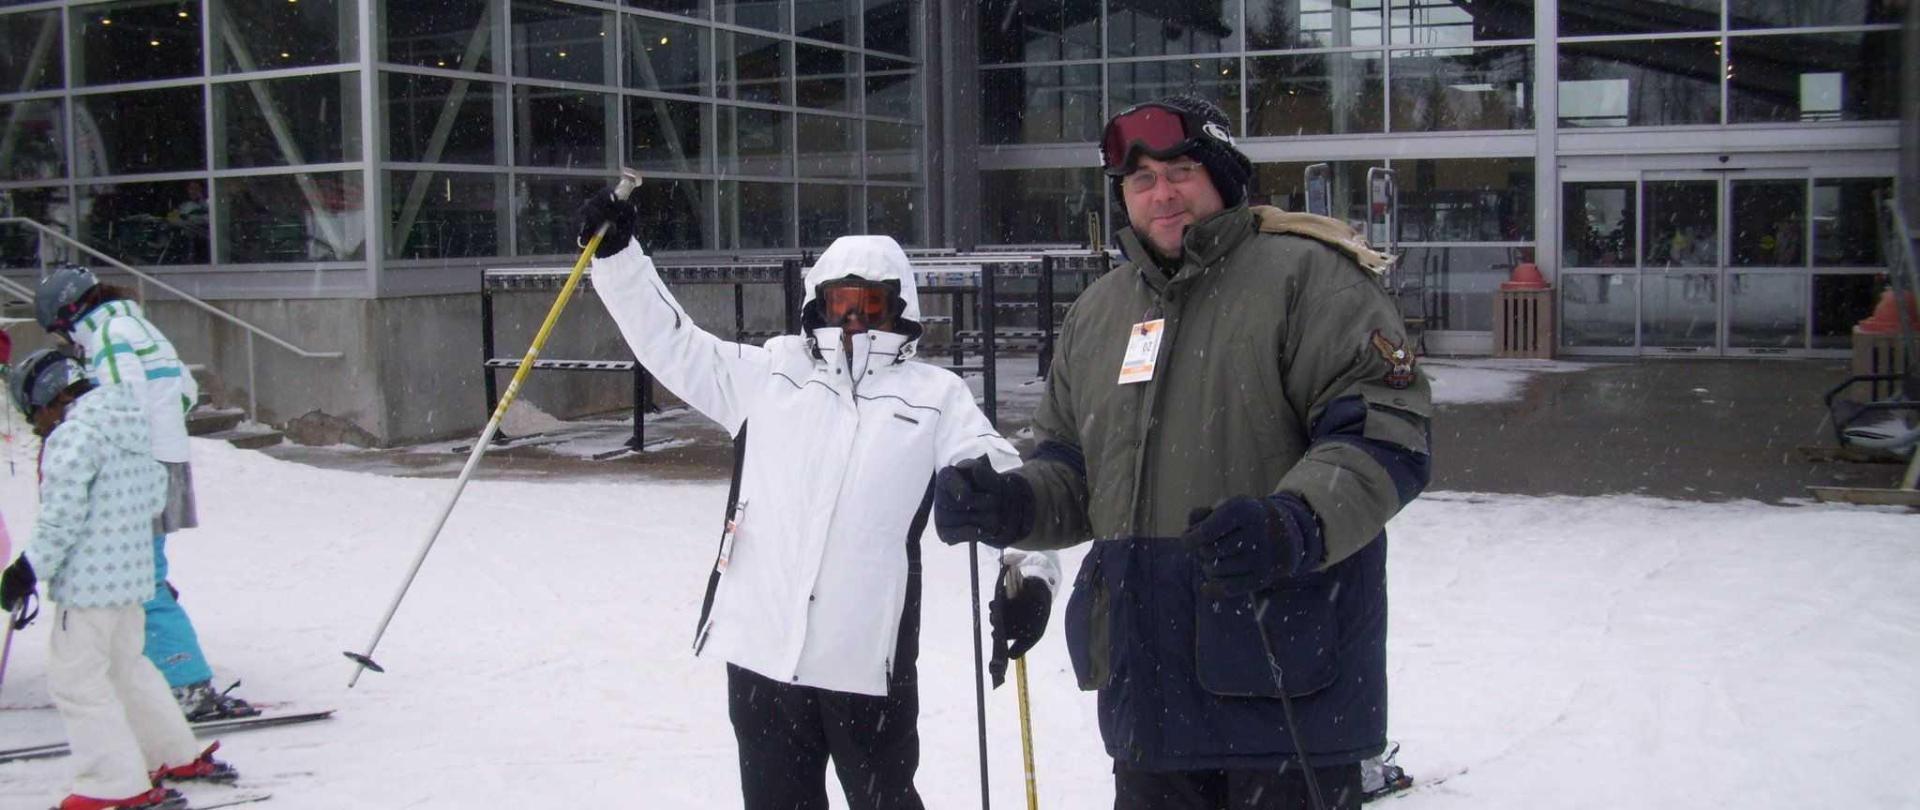 skiing-010-1.JPG